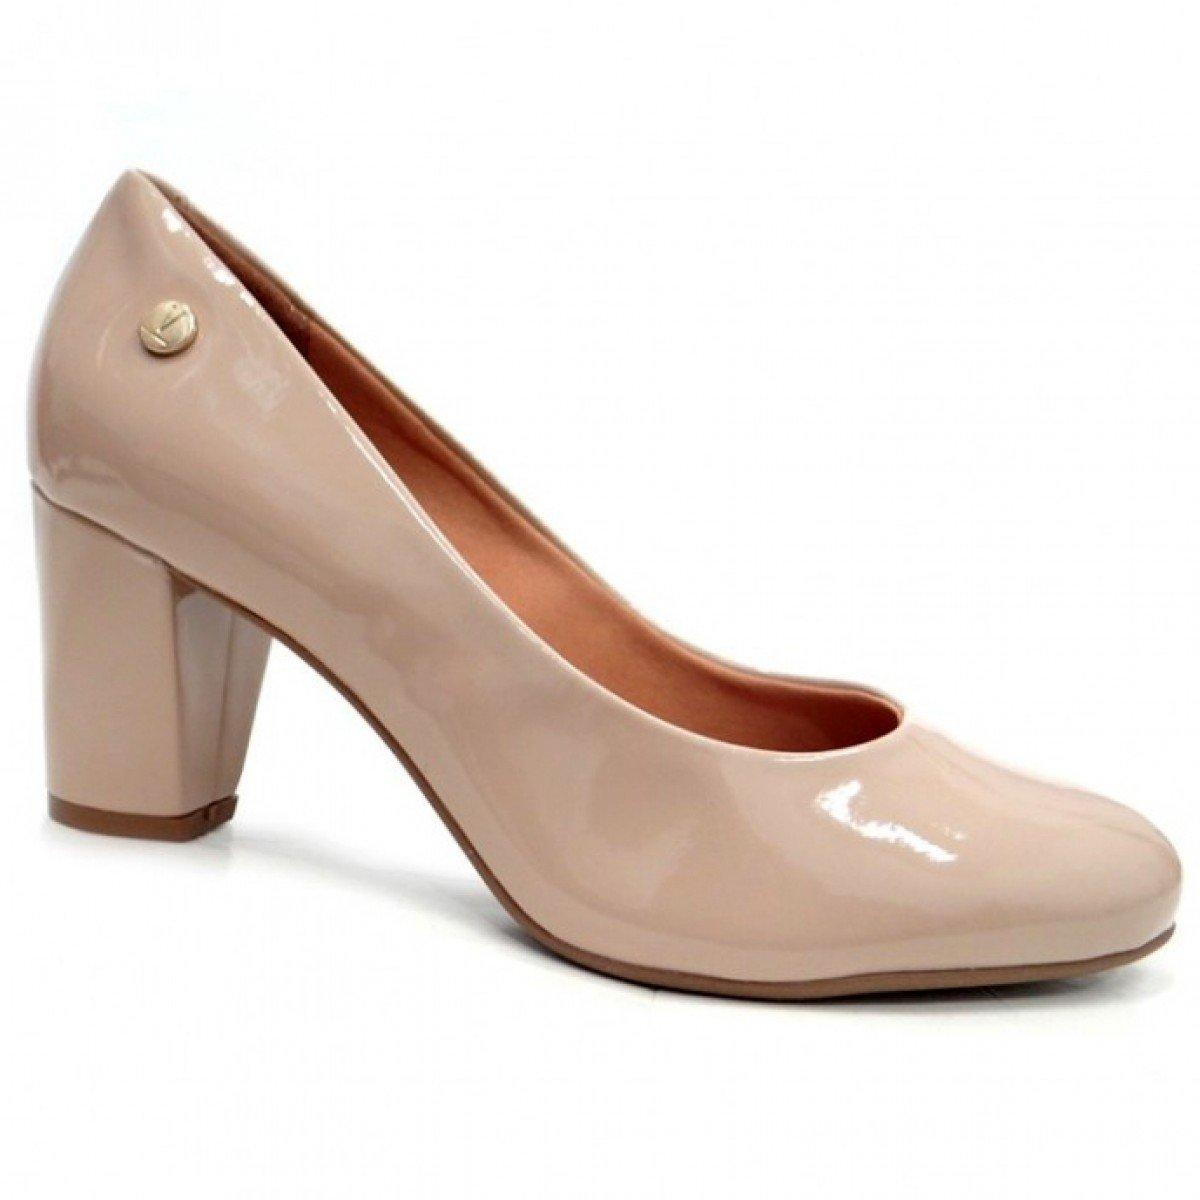 461e43aaba Sapato Feminino Vizzano Verniz Cristal Brilho Bege - Compre Agora